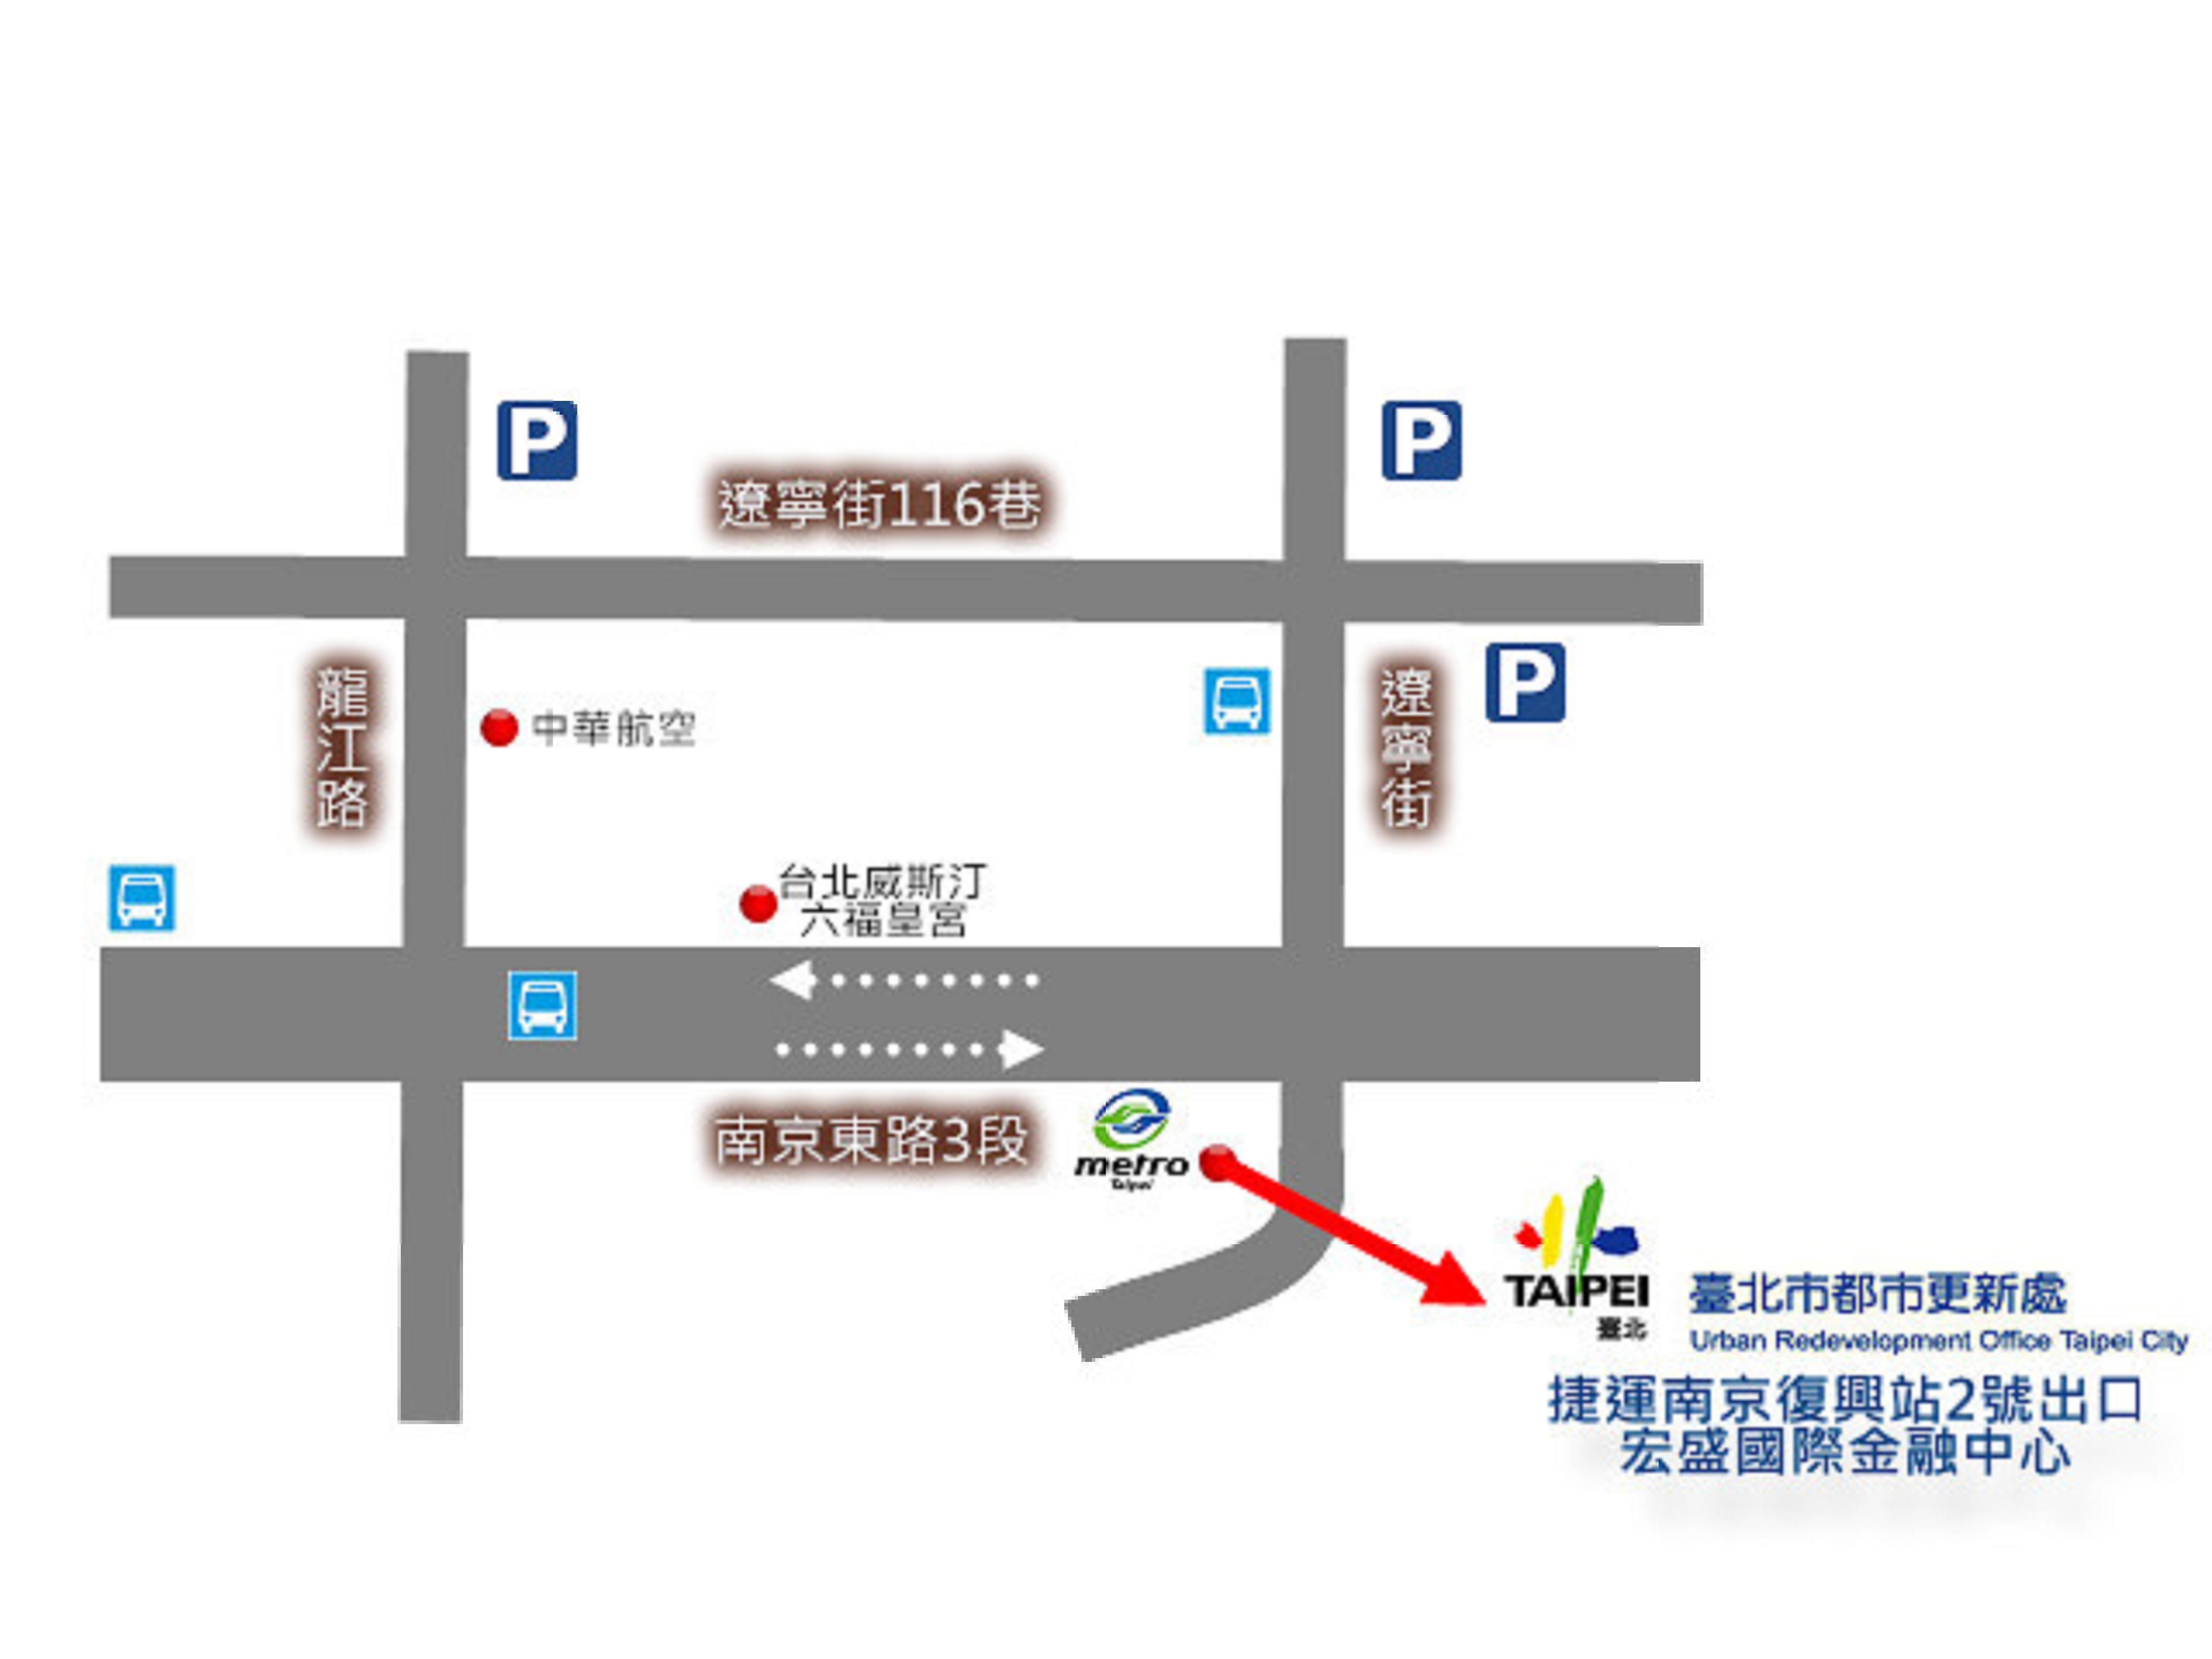 臺北市都市更新處地理位置圖